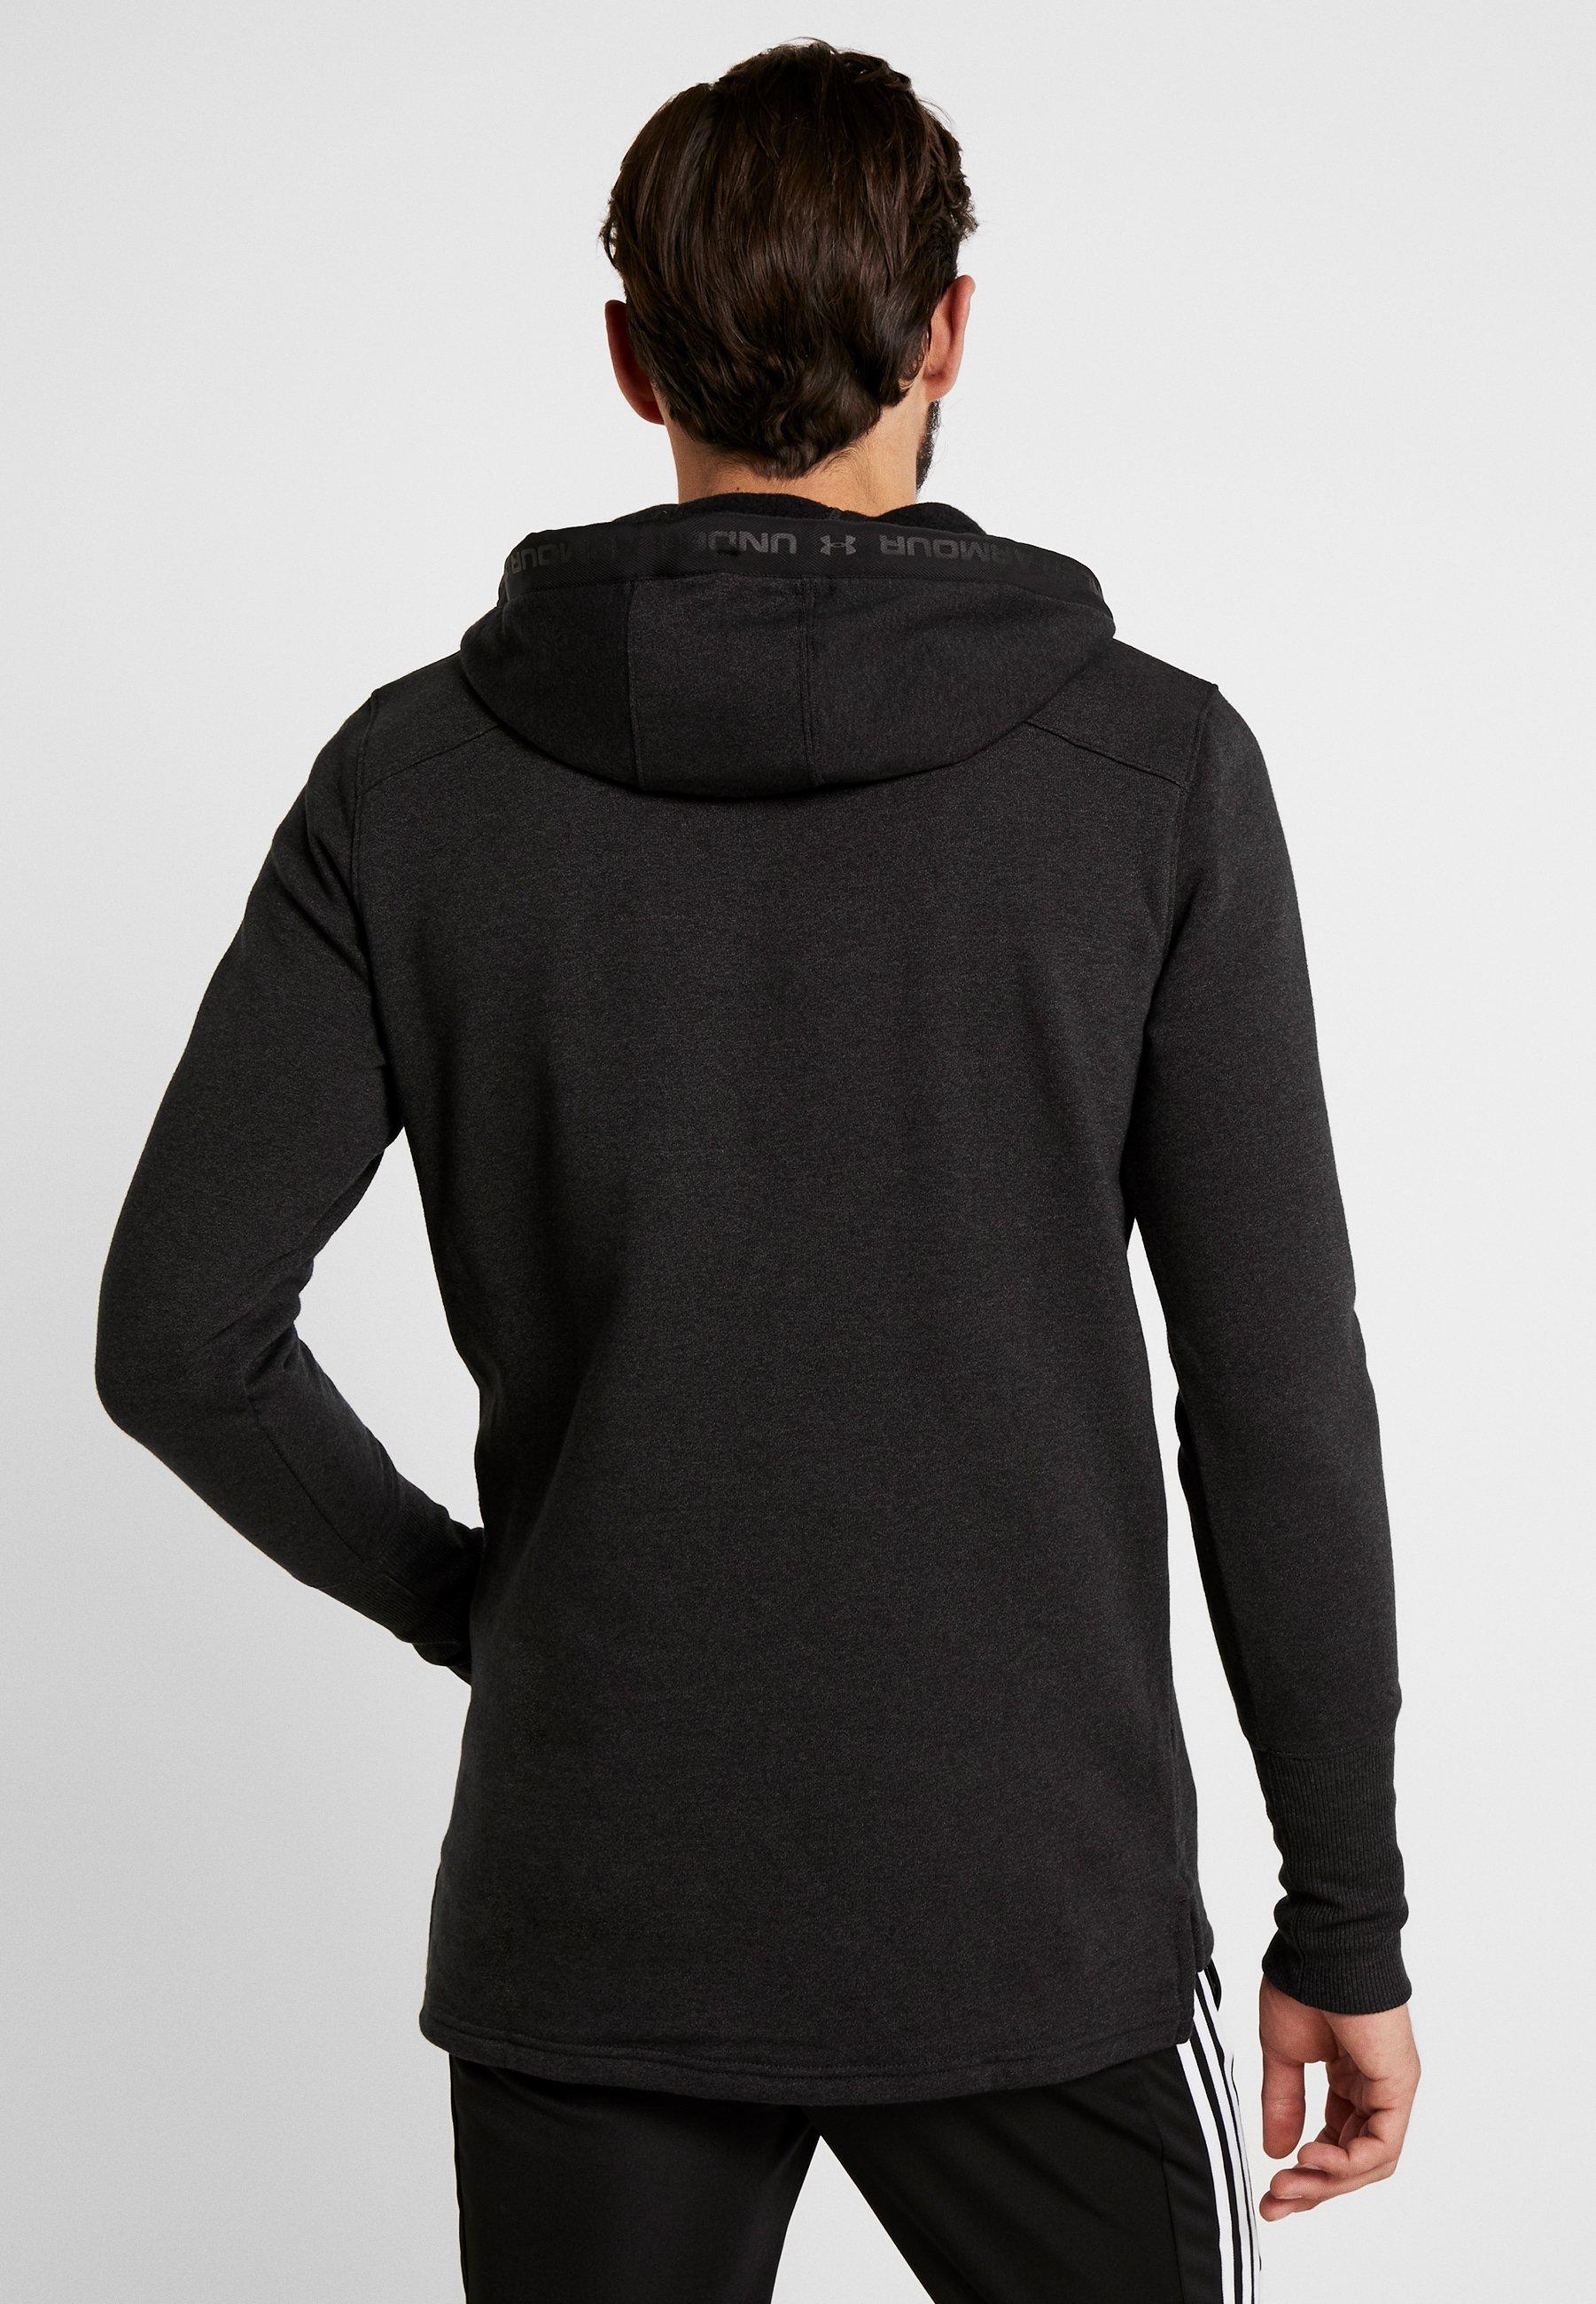 Black metallic Capuche Black Under Off À Pitch Accelerate Armour HoodieSweat LpMzjSVUqG